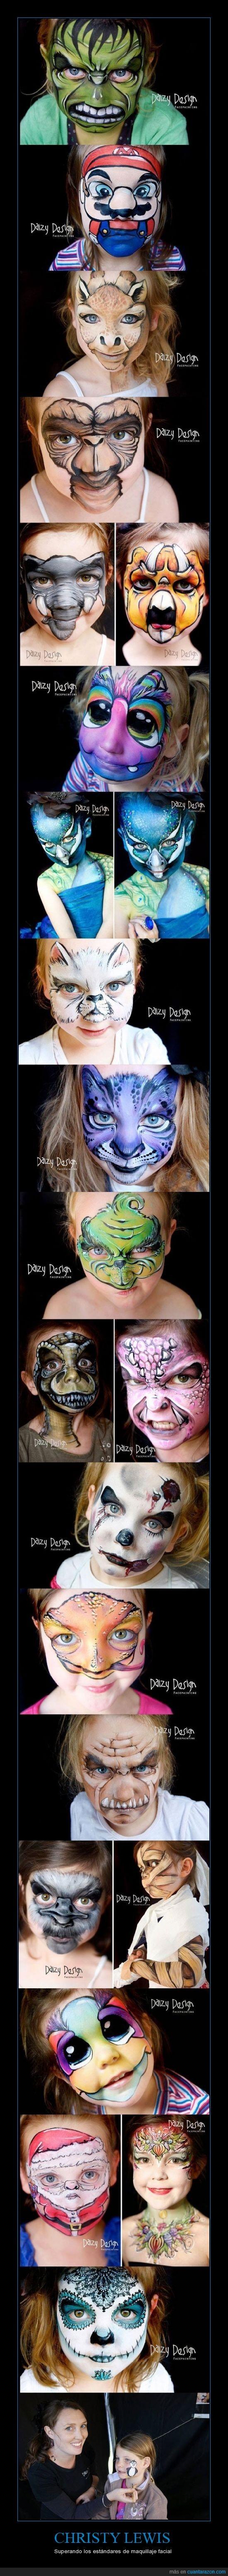 avestruz,Christy Lewis,Espectacular,et,Imaginación,Llevado a Otro Nivel,Maquillaje Facial